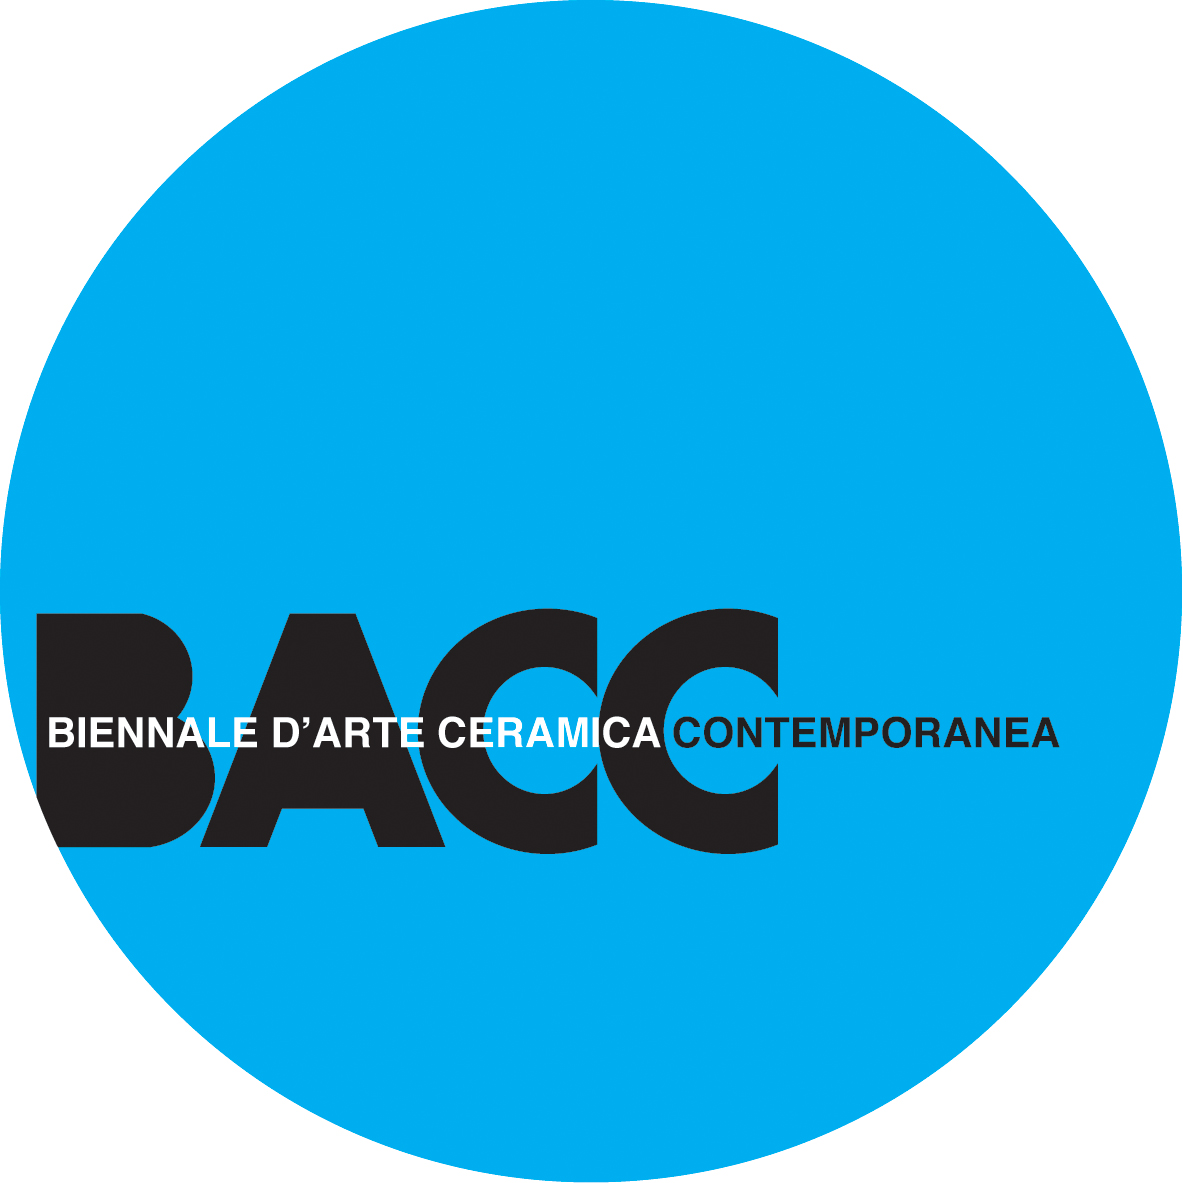 BACC 2018